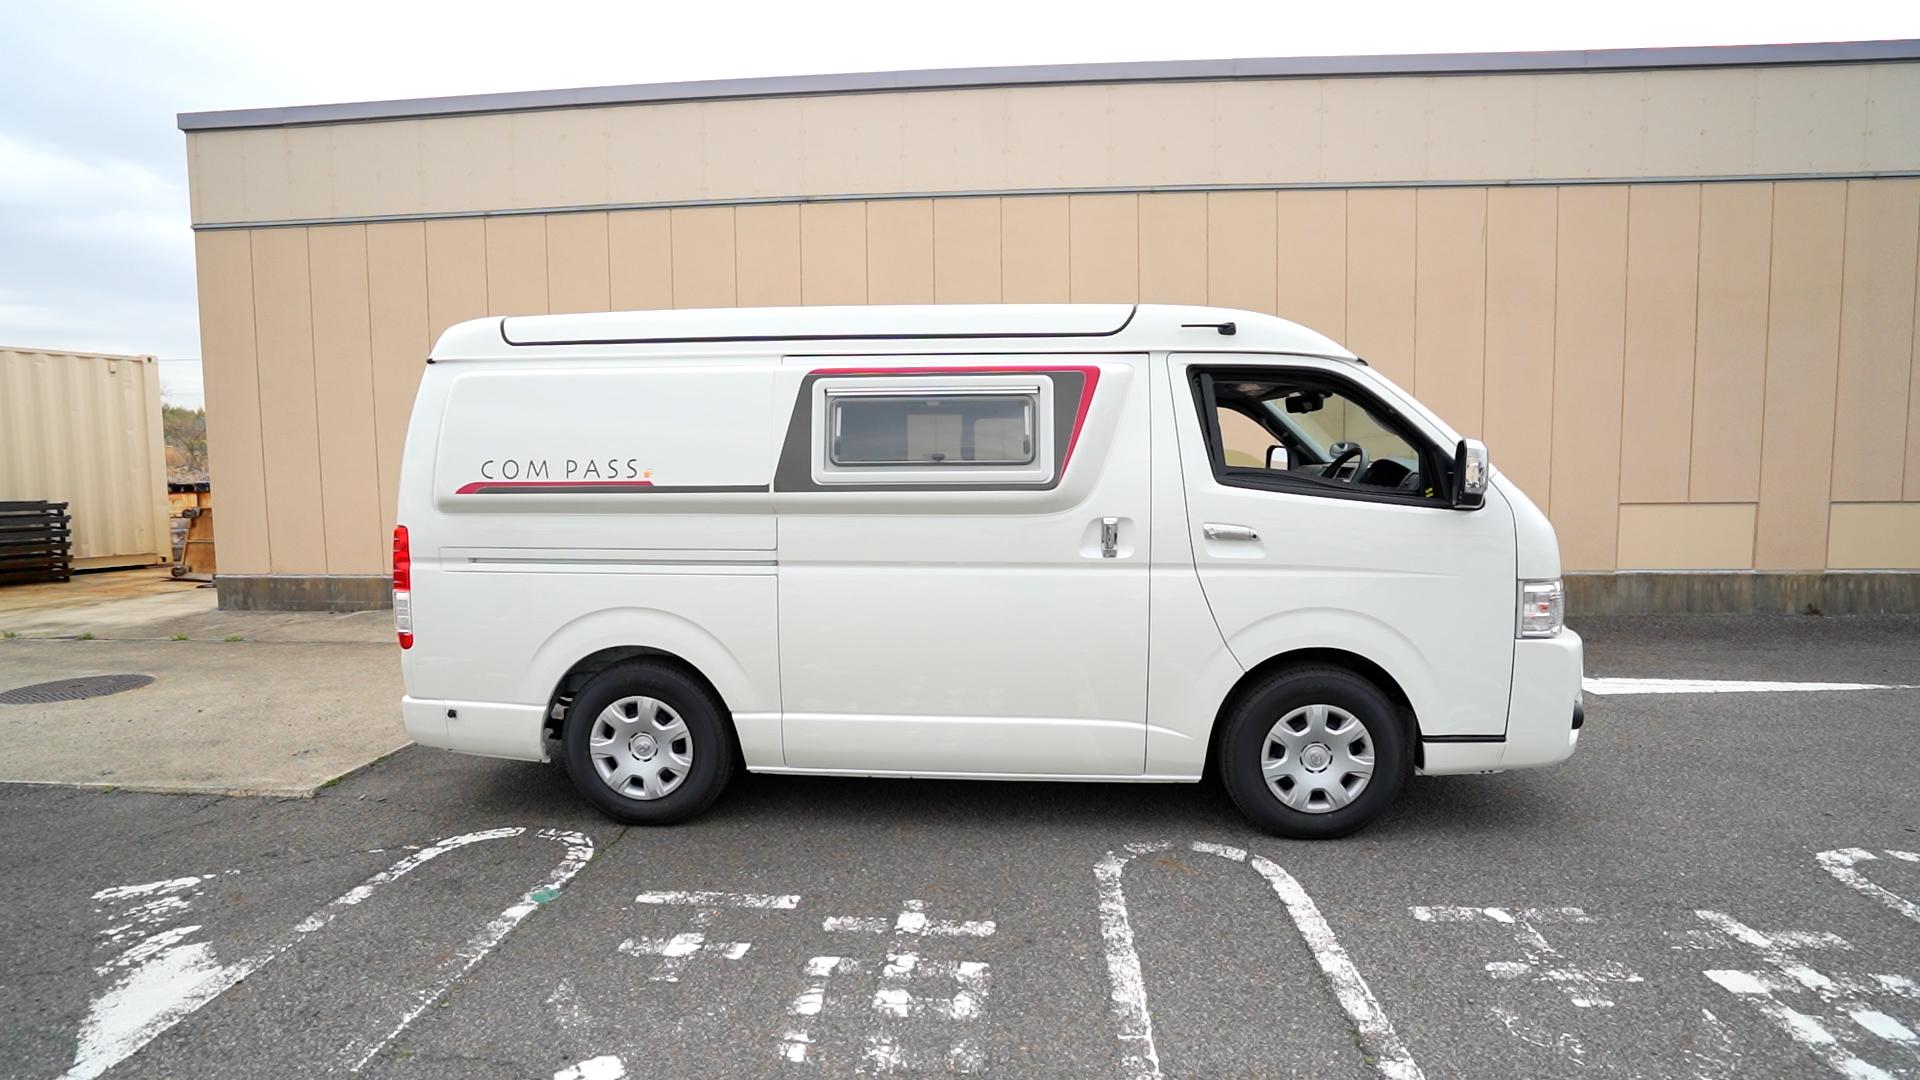 オートプラネット名古屋の駐車場の隅をお借りして撮影しました